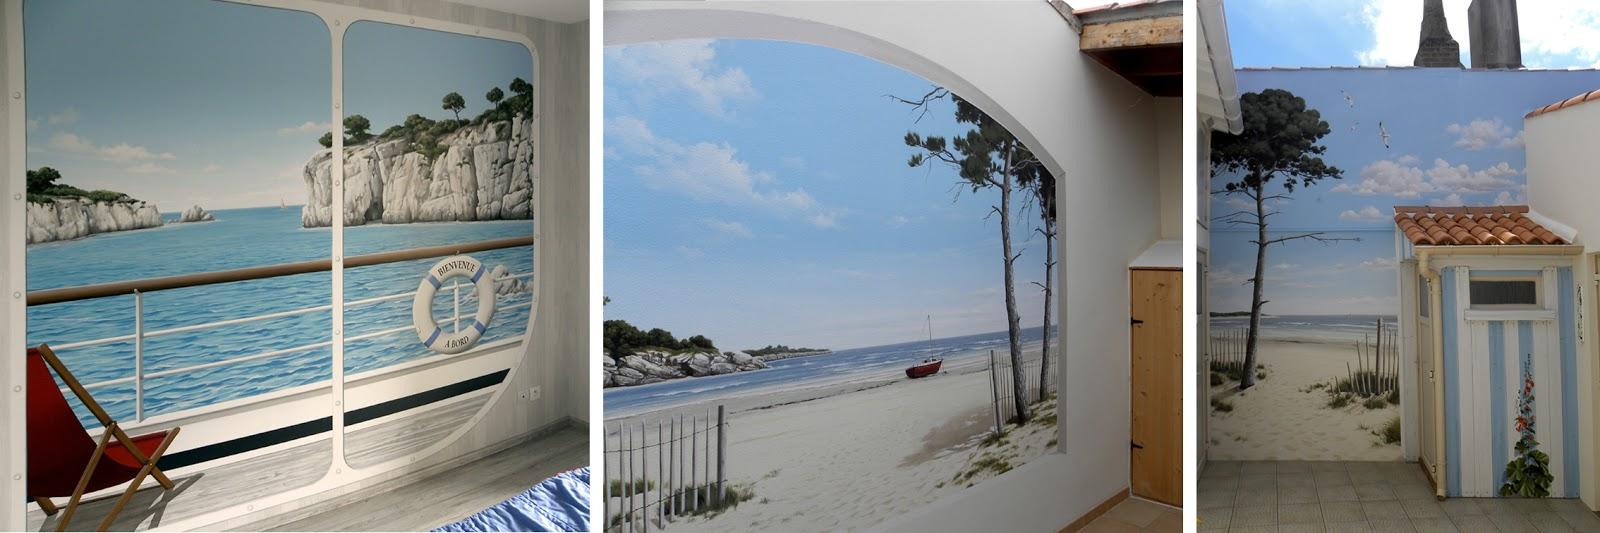 fr d ric poulnais artiste peintre muraliste. Black Bedroom Furniture Sets. Home Design Ideas